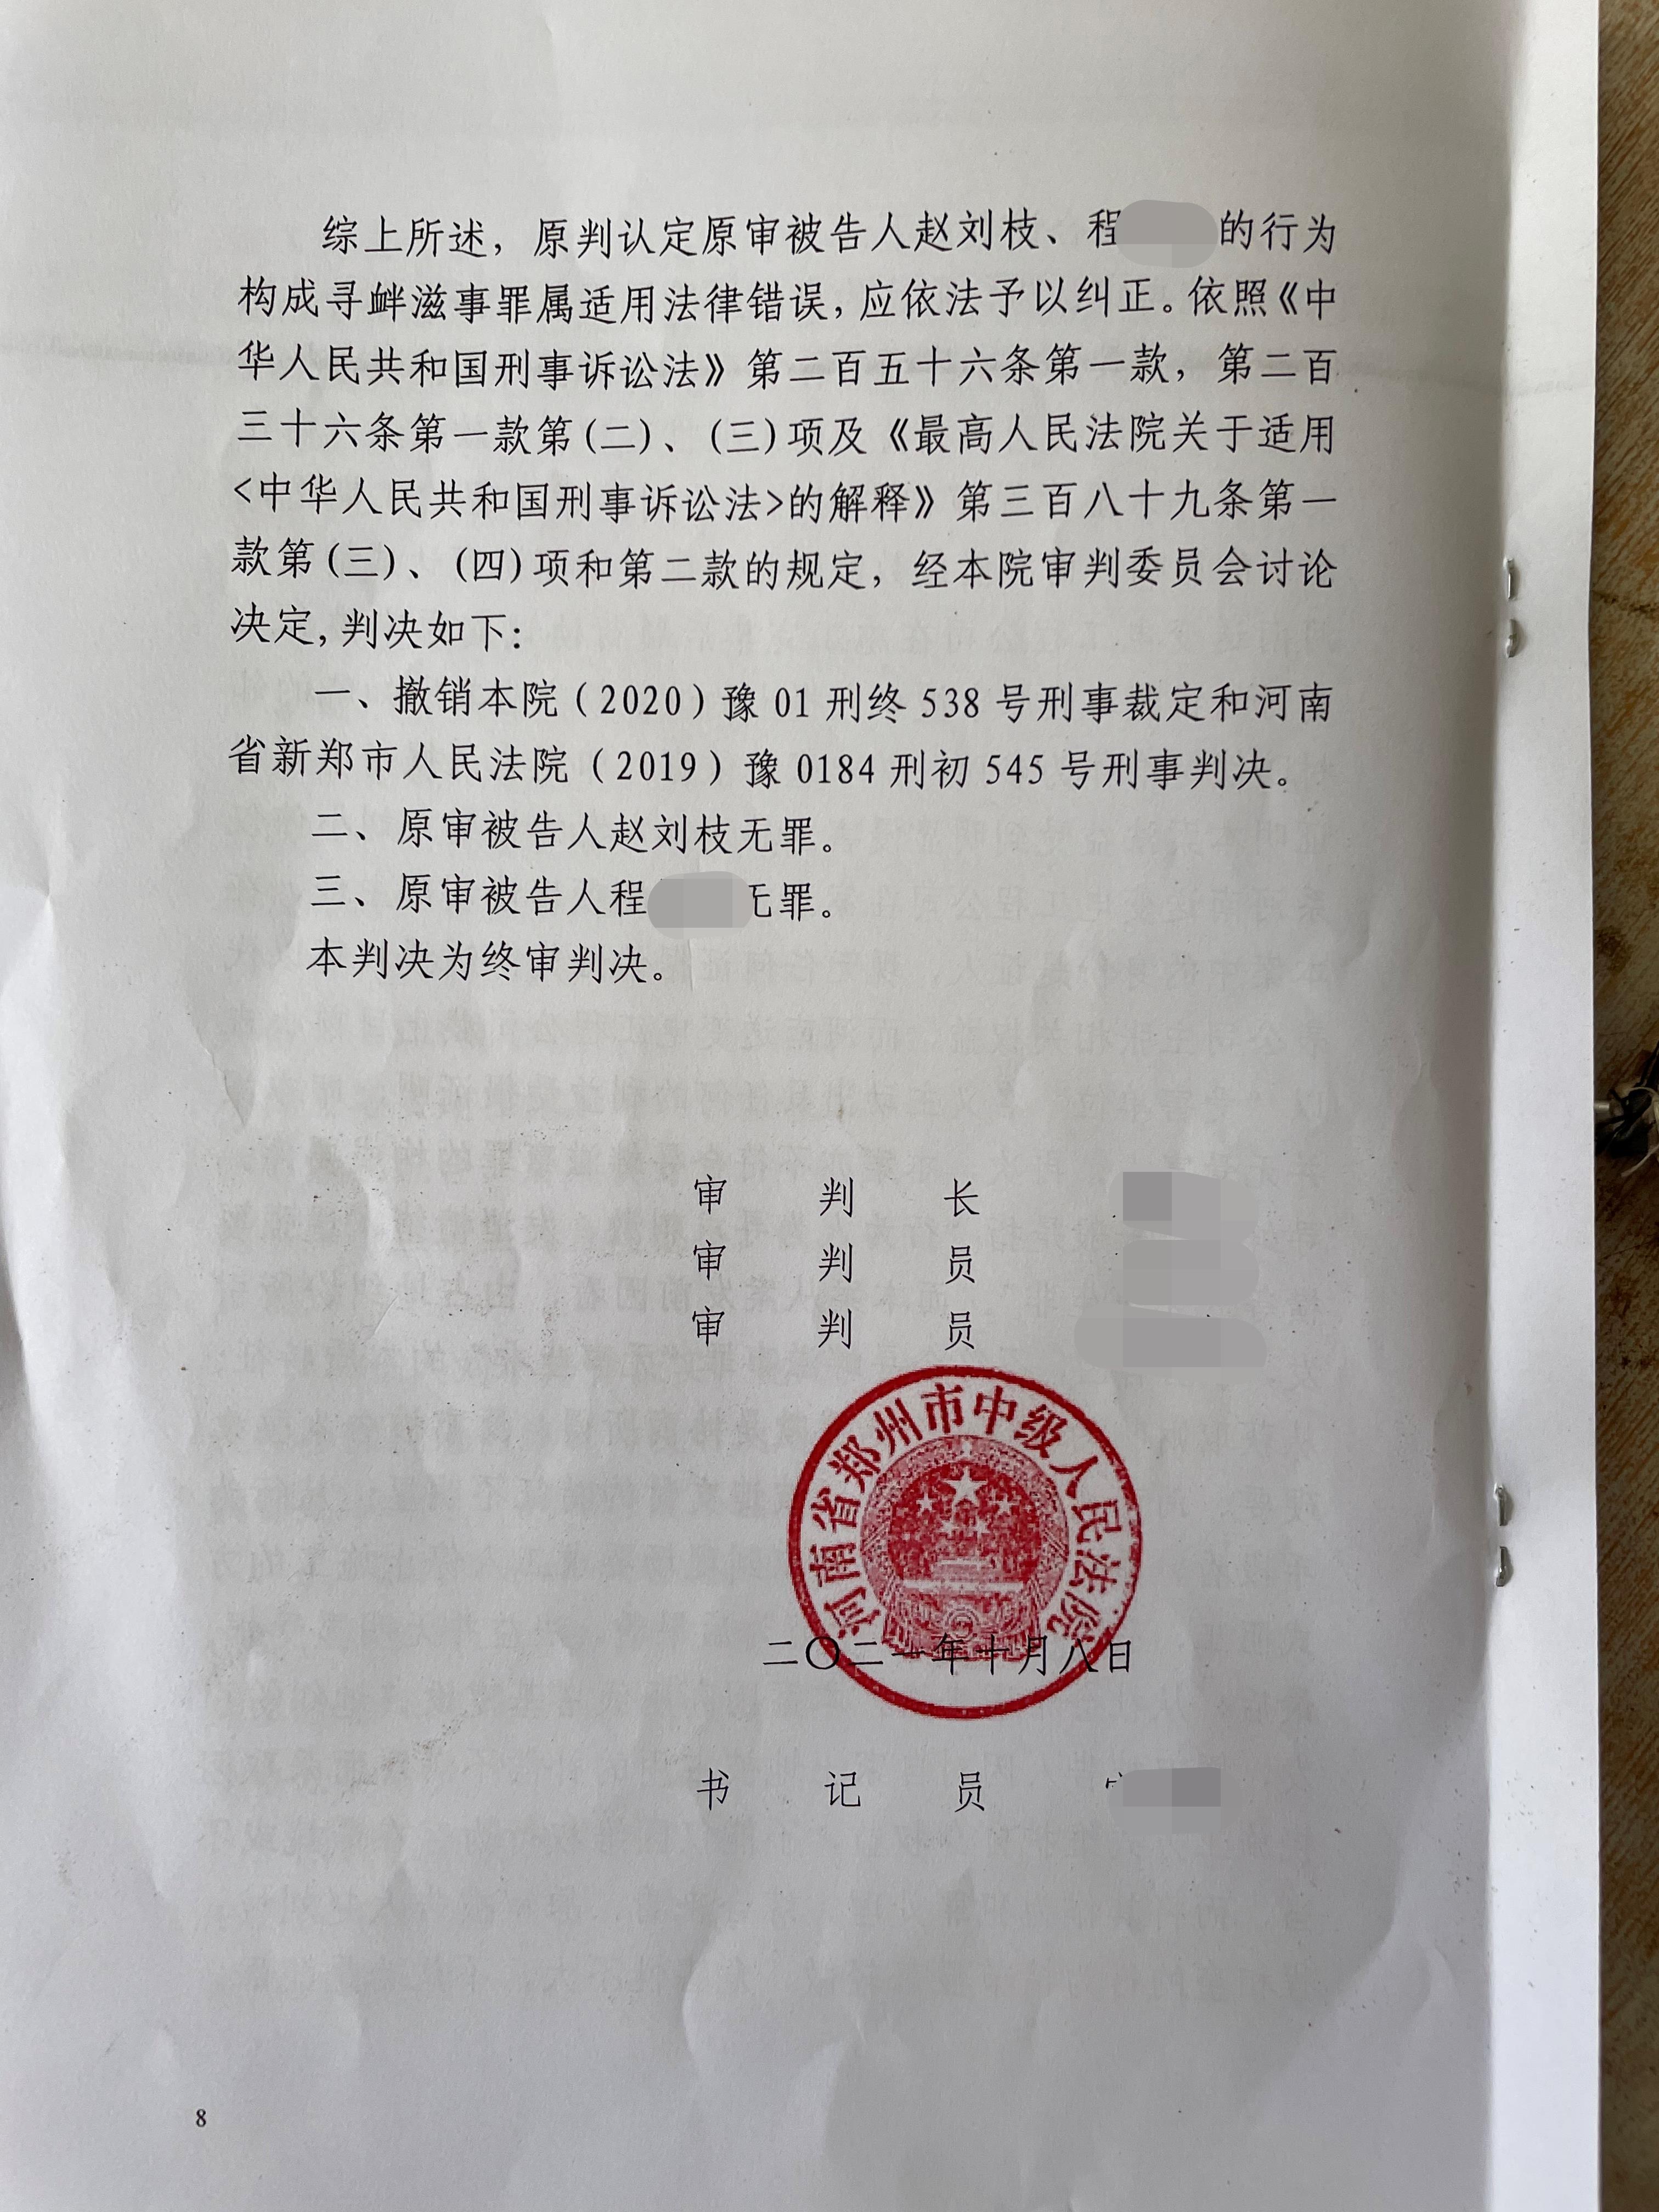 六旬农妇土地被占用,获赔后被判敲诈勒索,上诉申诉6年,案件2次重审1次再审终获无罪